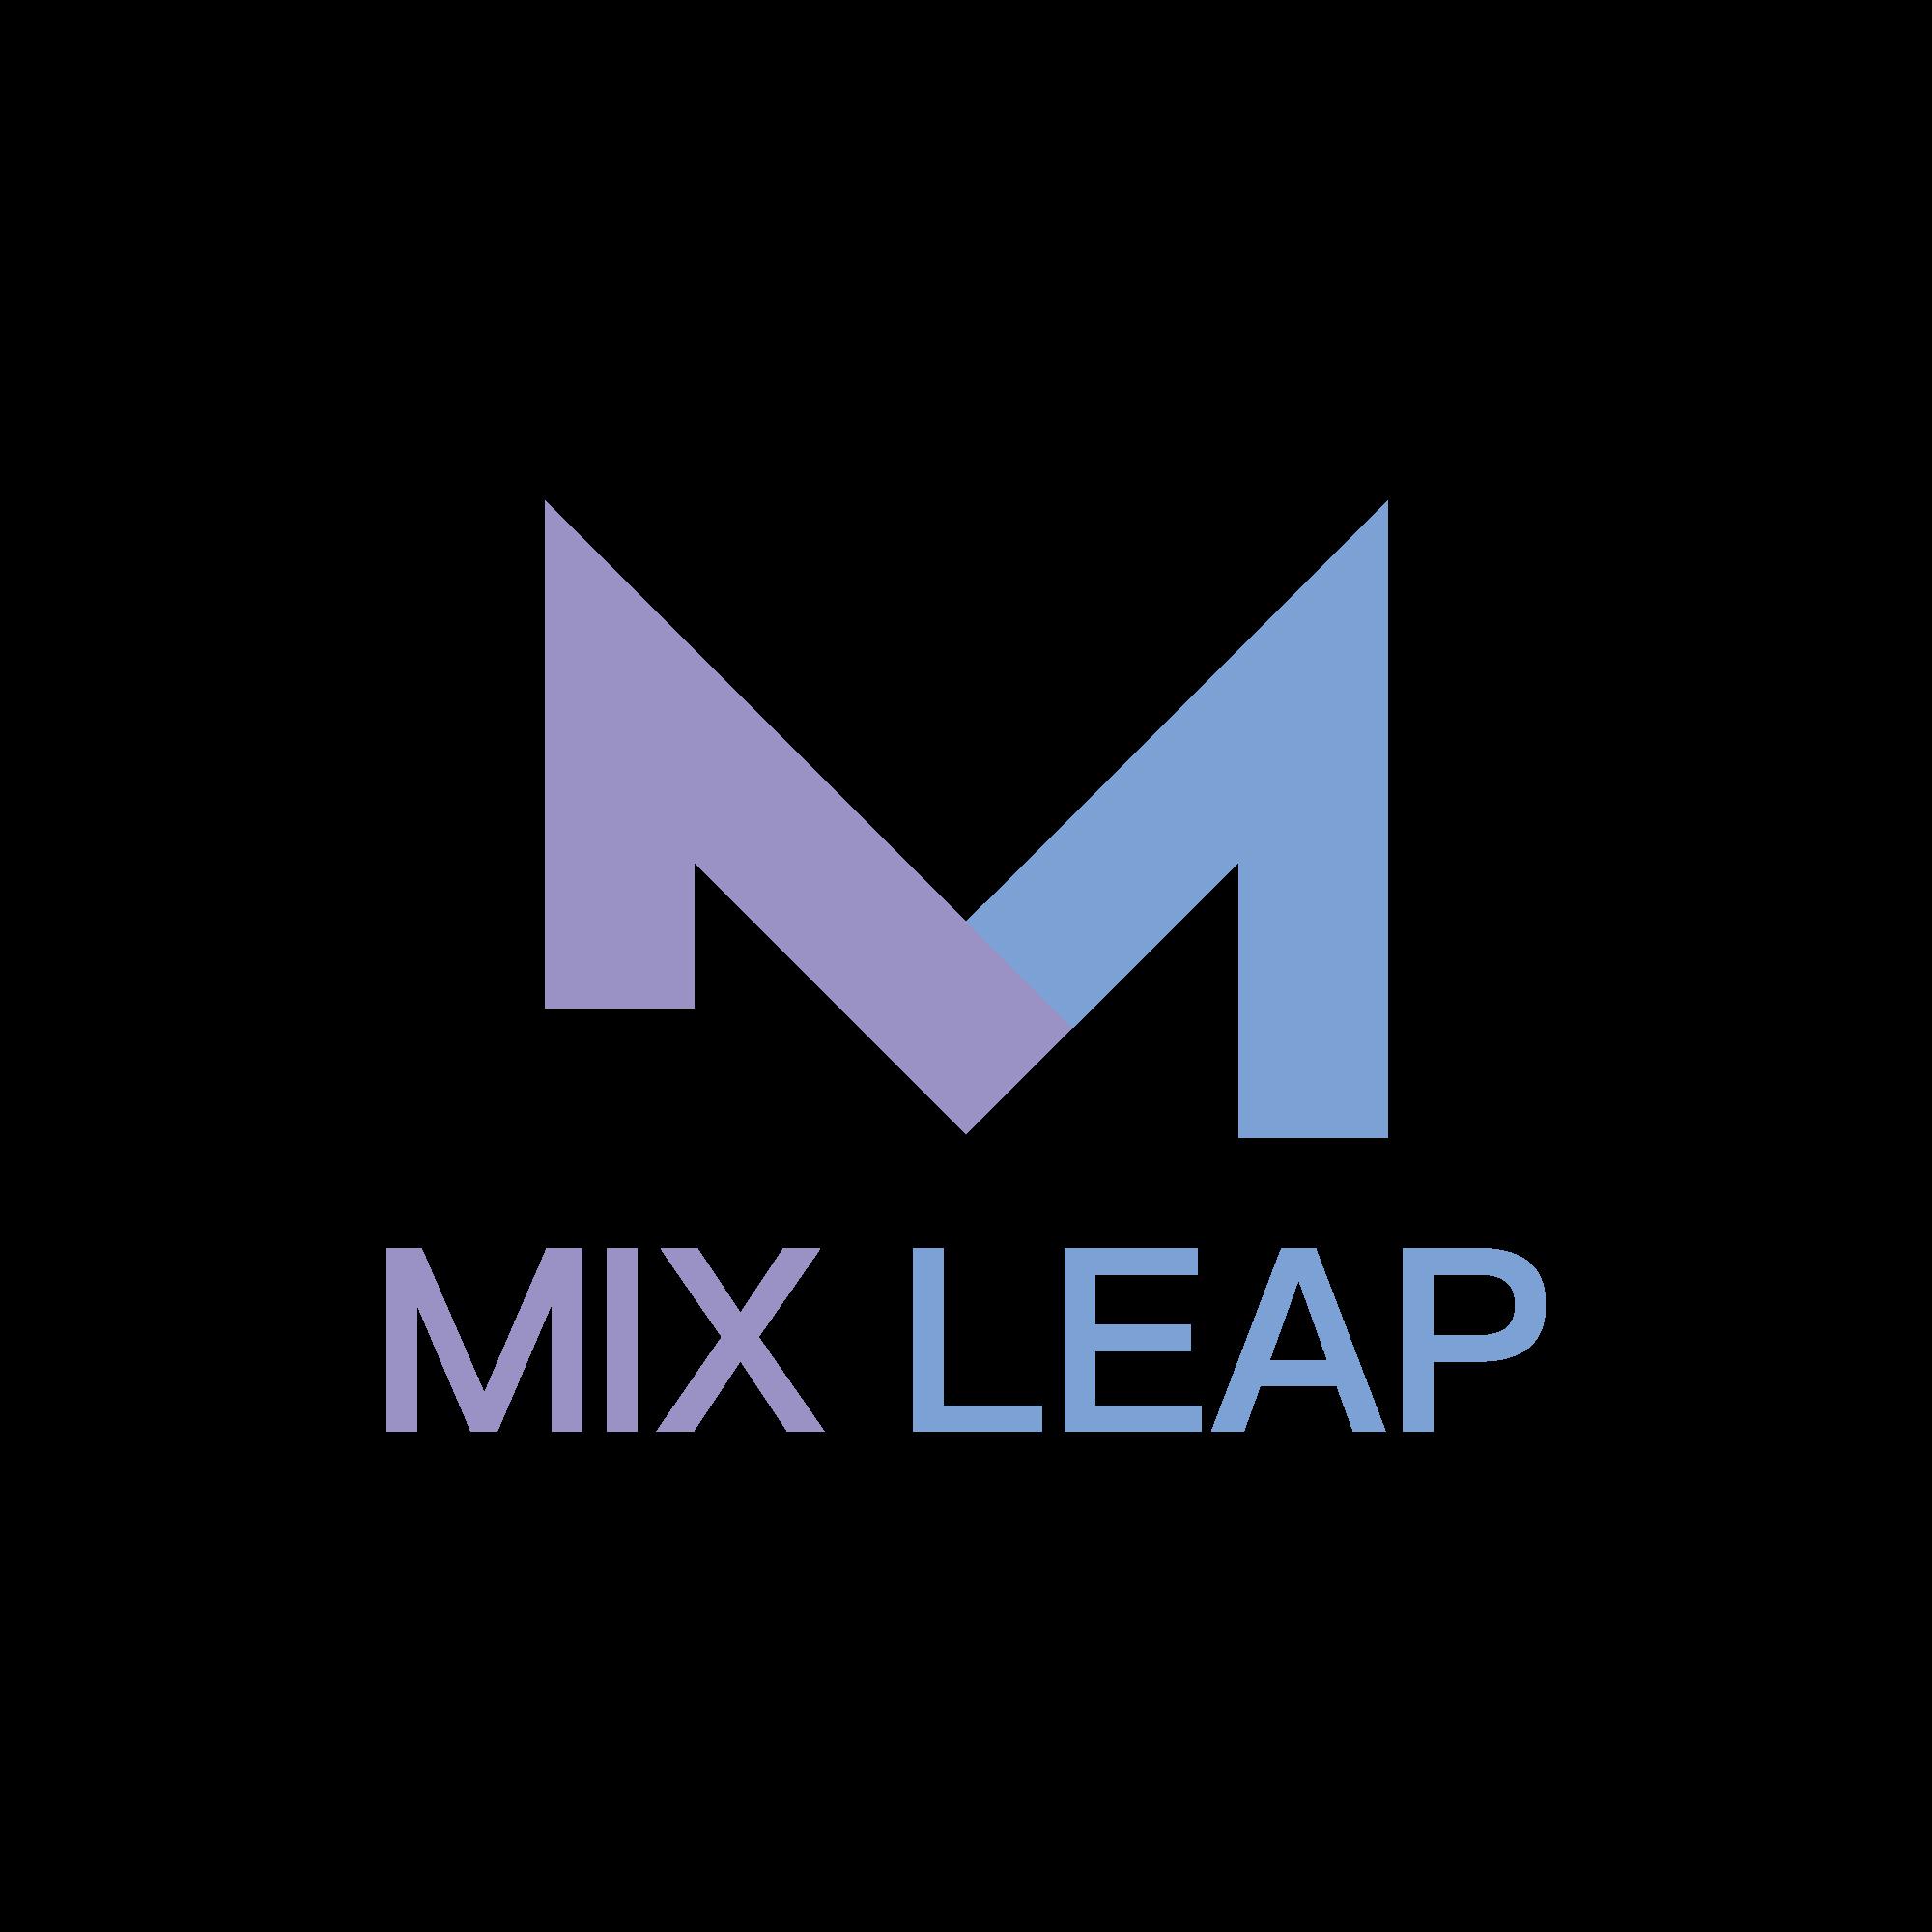 mixleap